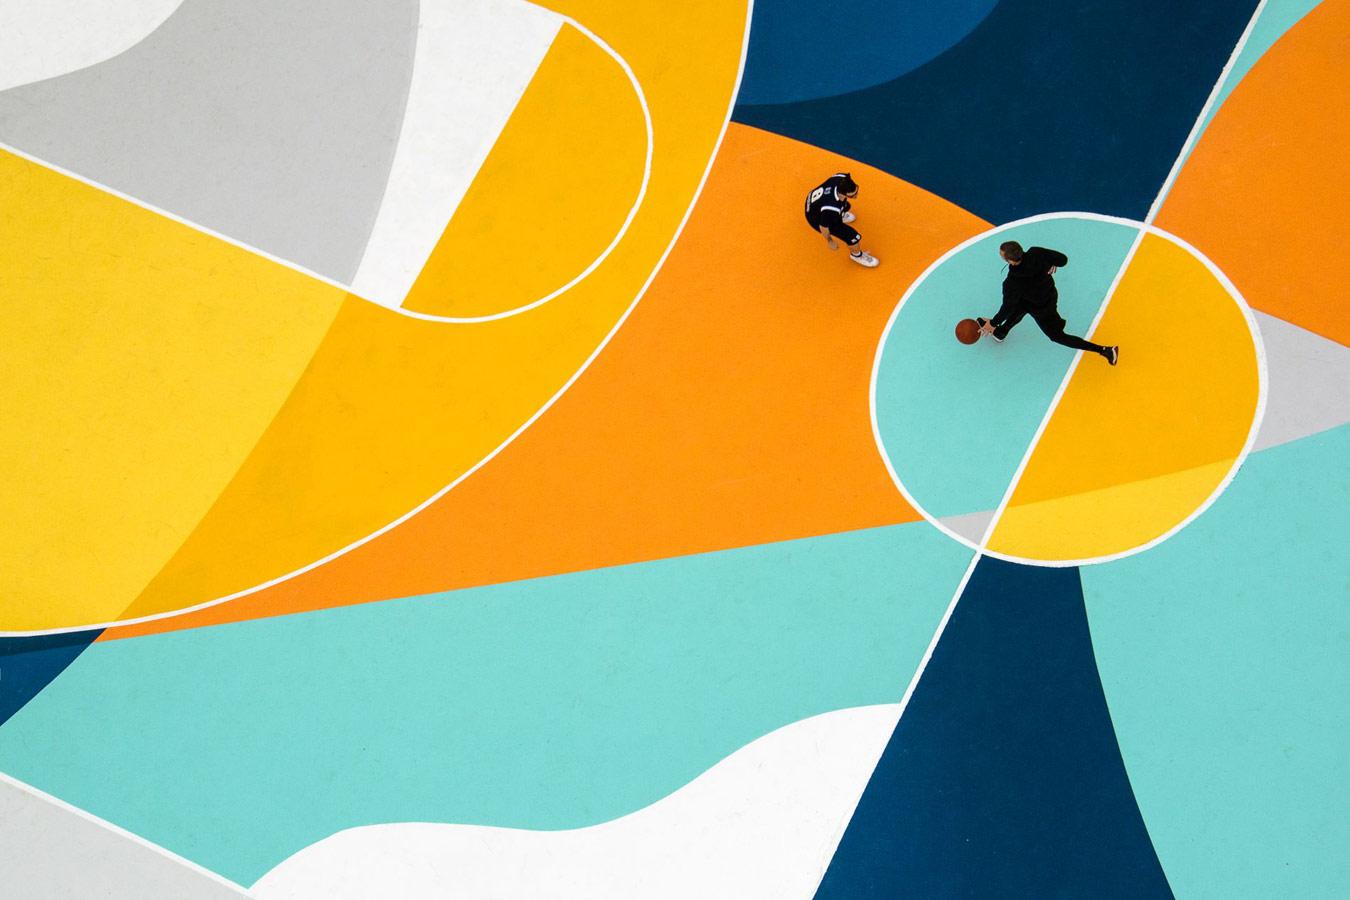 29/5000 Детская площадка, © Уго Галасси, Италия, 3 место, Фотоконкурс Siena